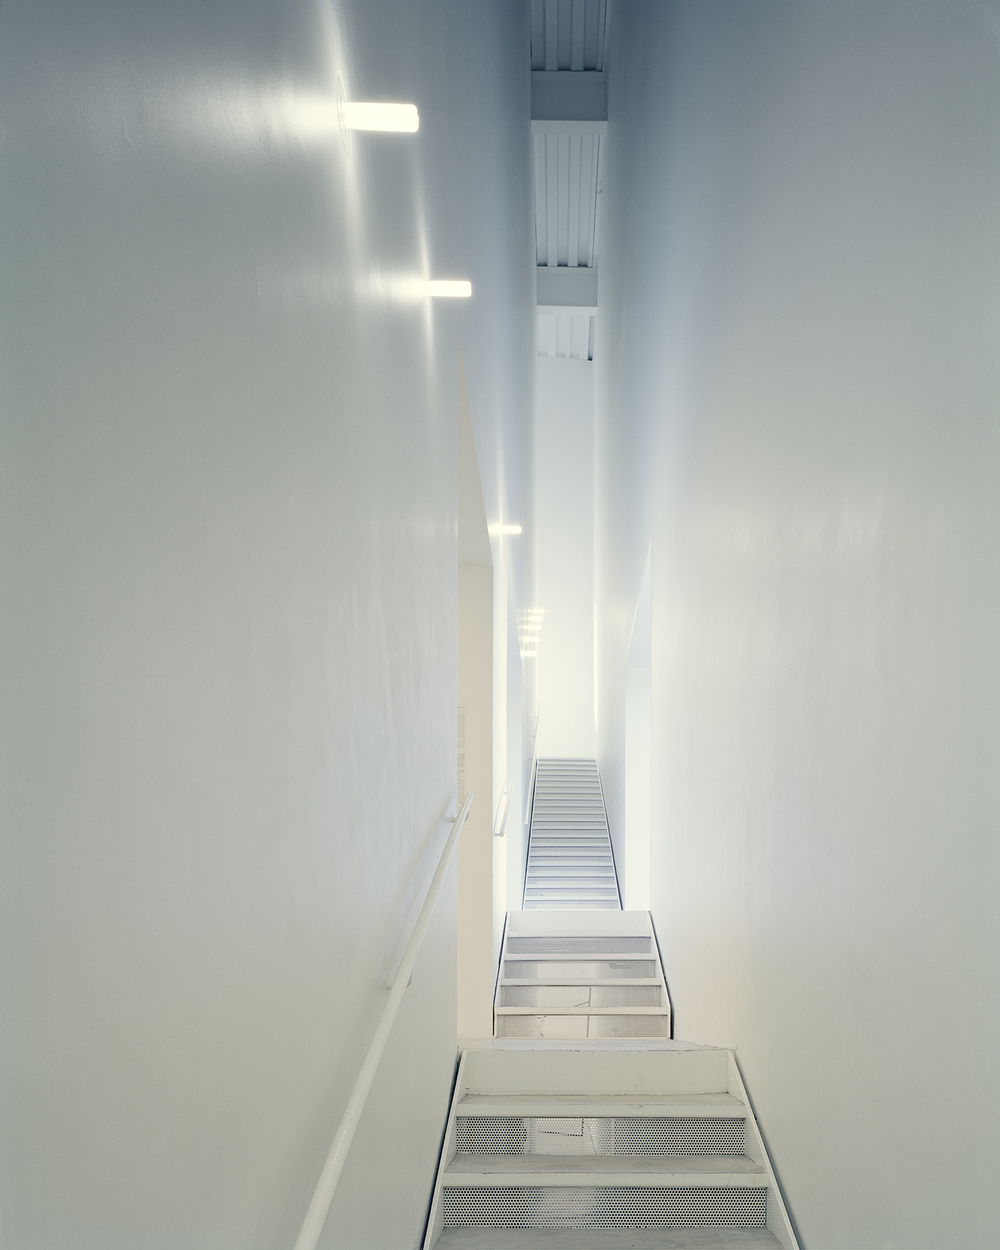 005-NEWMUSEUM.jpg